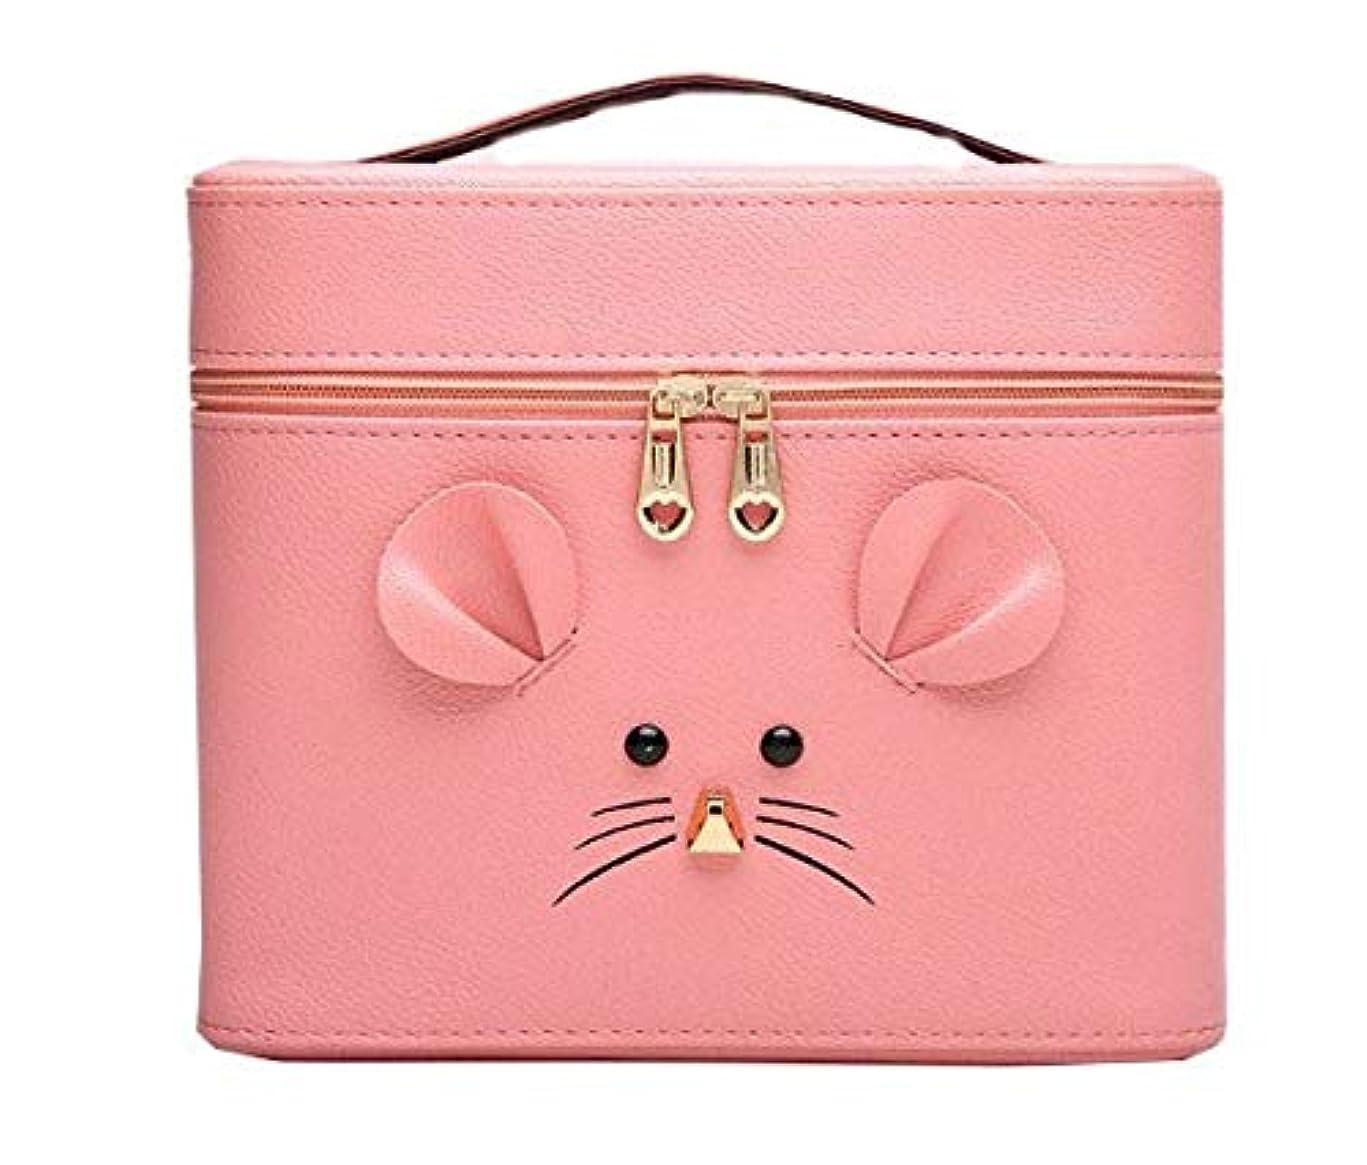 施設灌漑出発する化粧箱、ピンクの漫画のマウスの化粧箱、携帯用旅行化粧品の箱、美の釘の宝石類の収納箱 (Size : L)